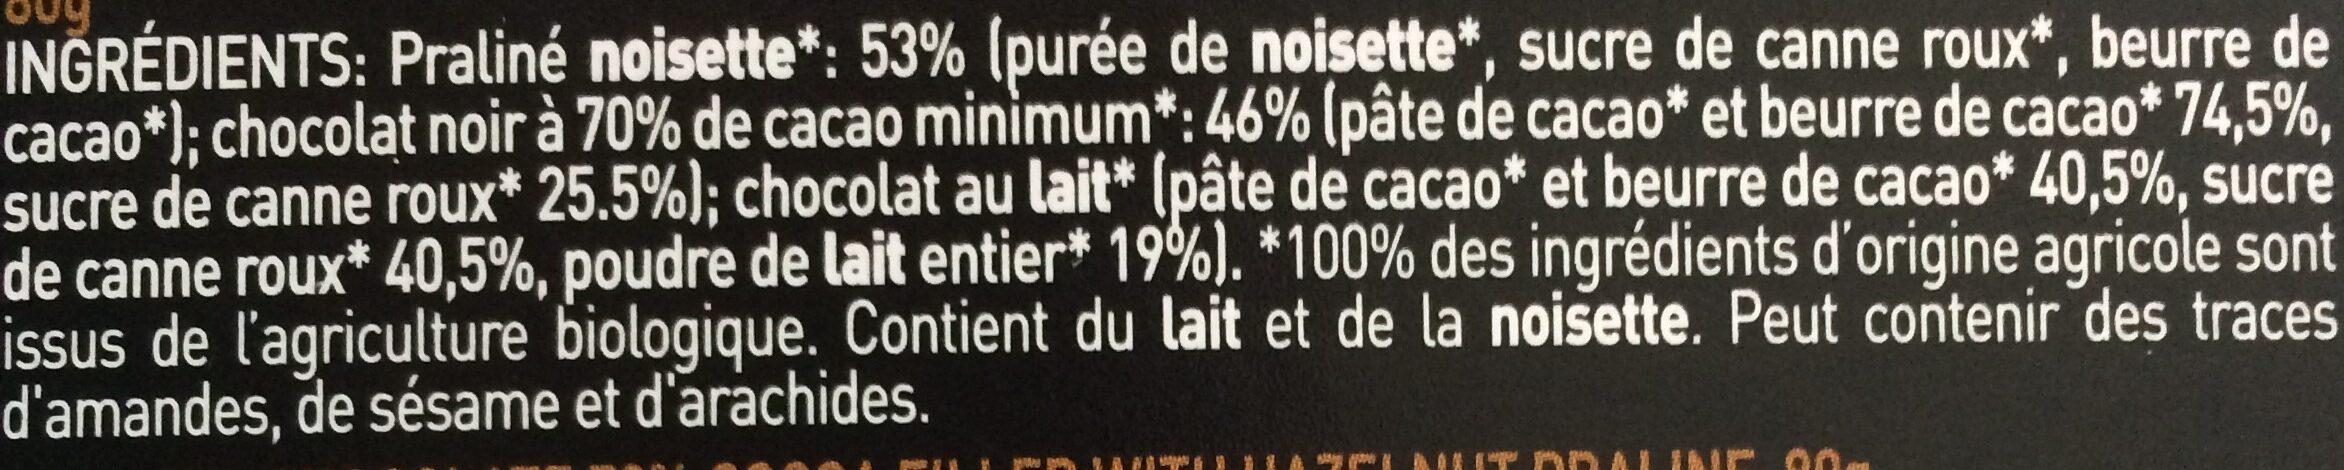 Praline noisette - Ingrediënten - fr